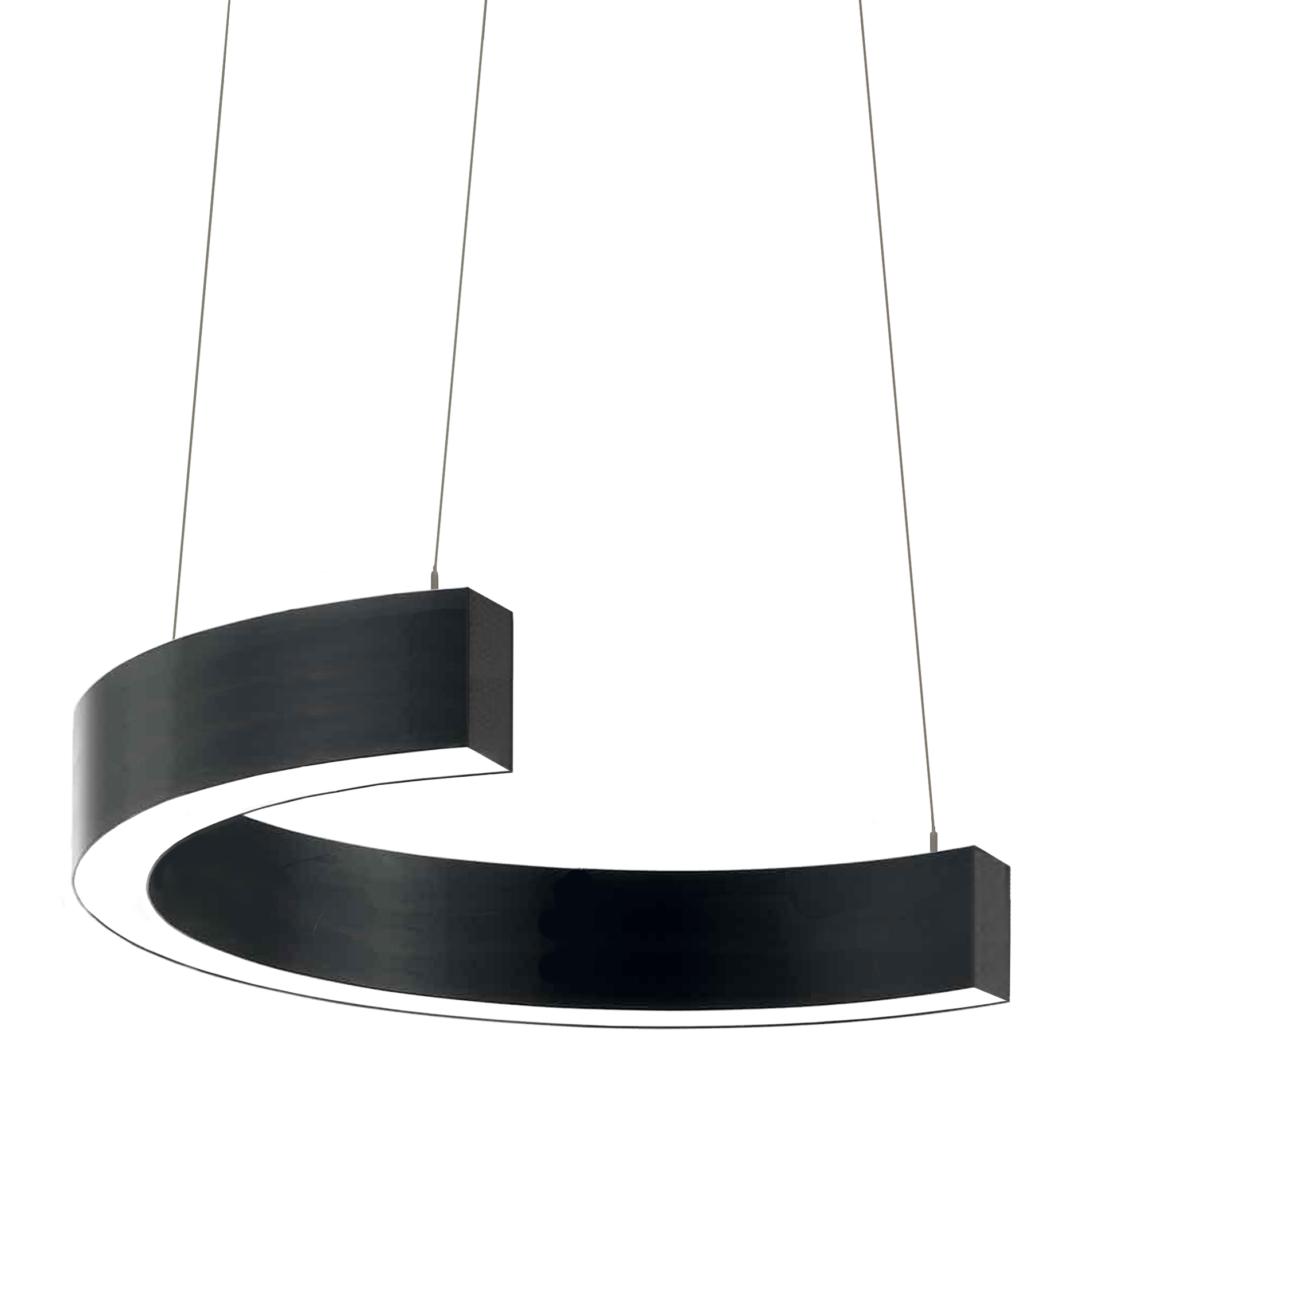 Светильник Ring-С 5060-600мм. 4000К/3000К. 14W/29W купить во Владимире